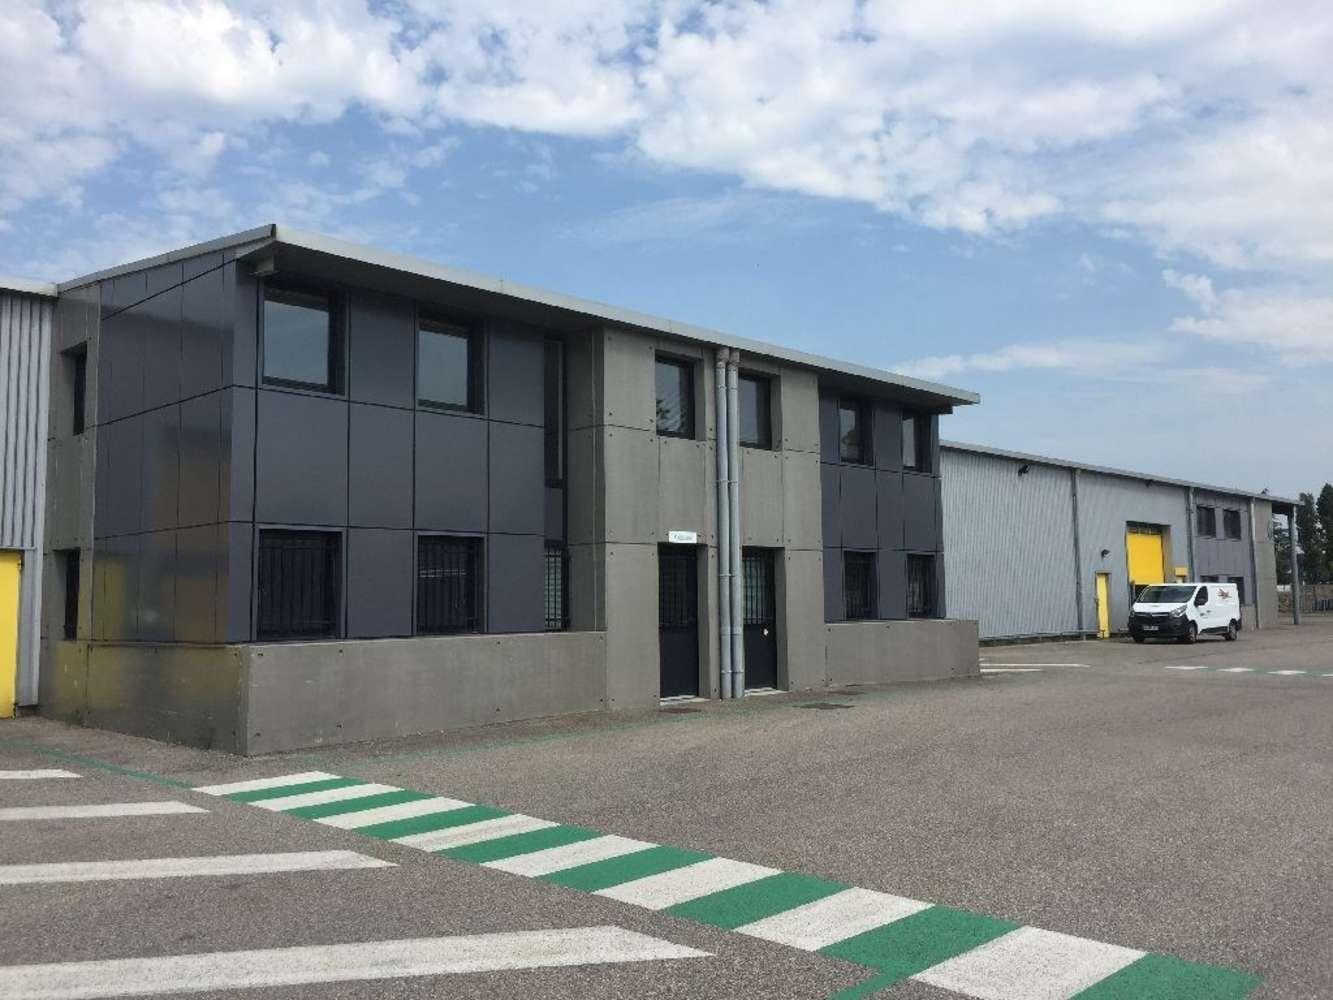 Activités/entrepôt Vaulx en velin, 69120 - Location entrepot Lyon - Vaulx en Velin - 9632151